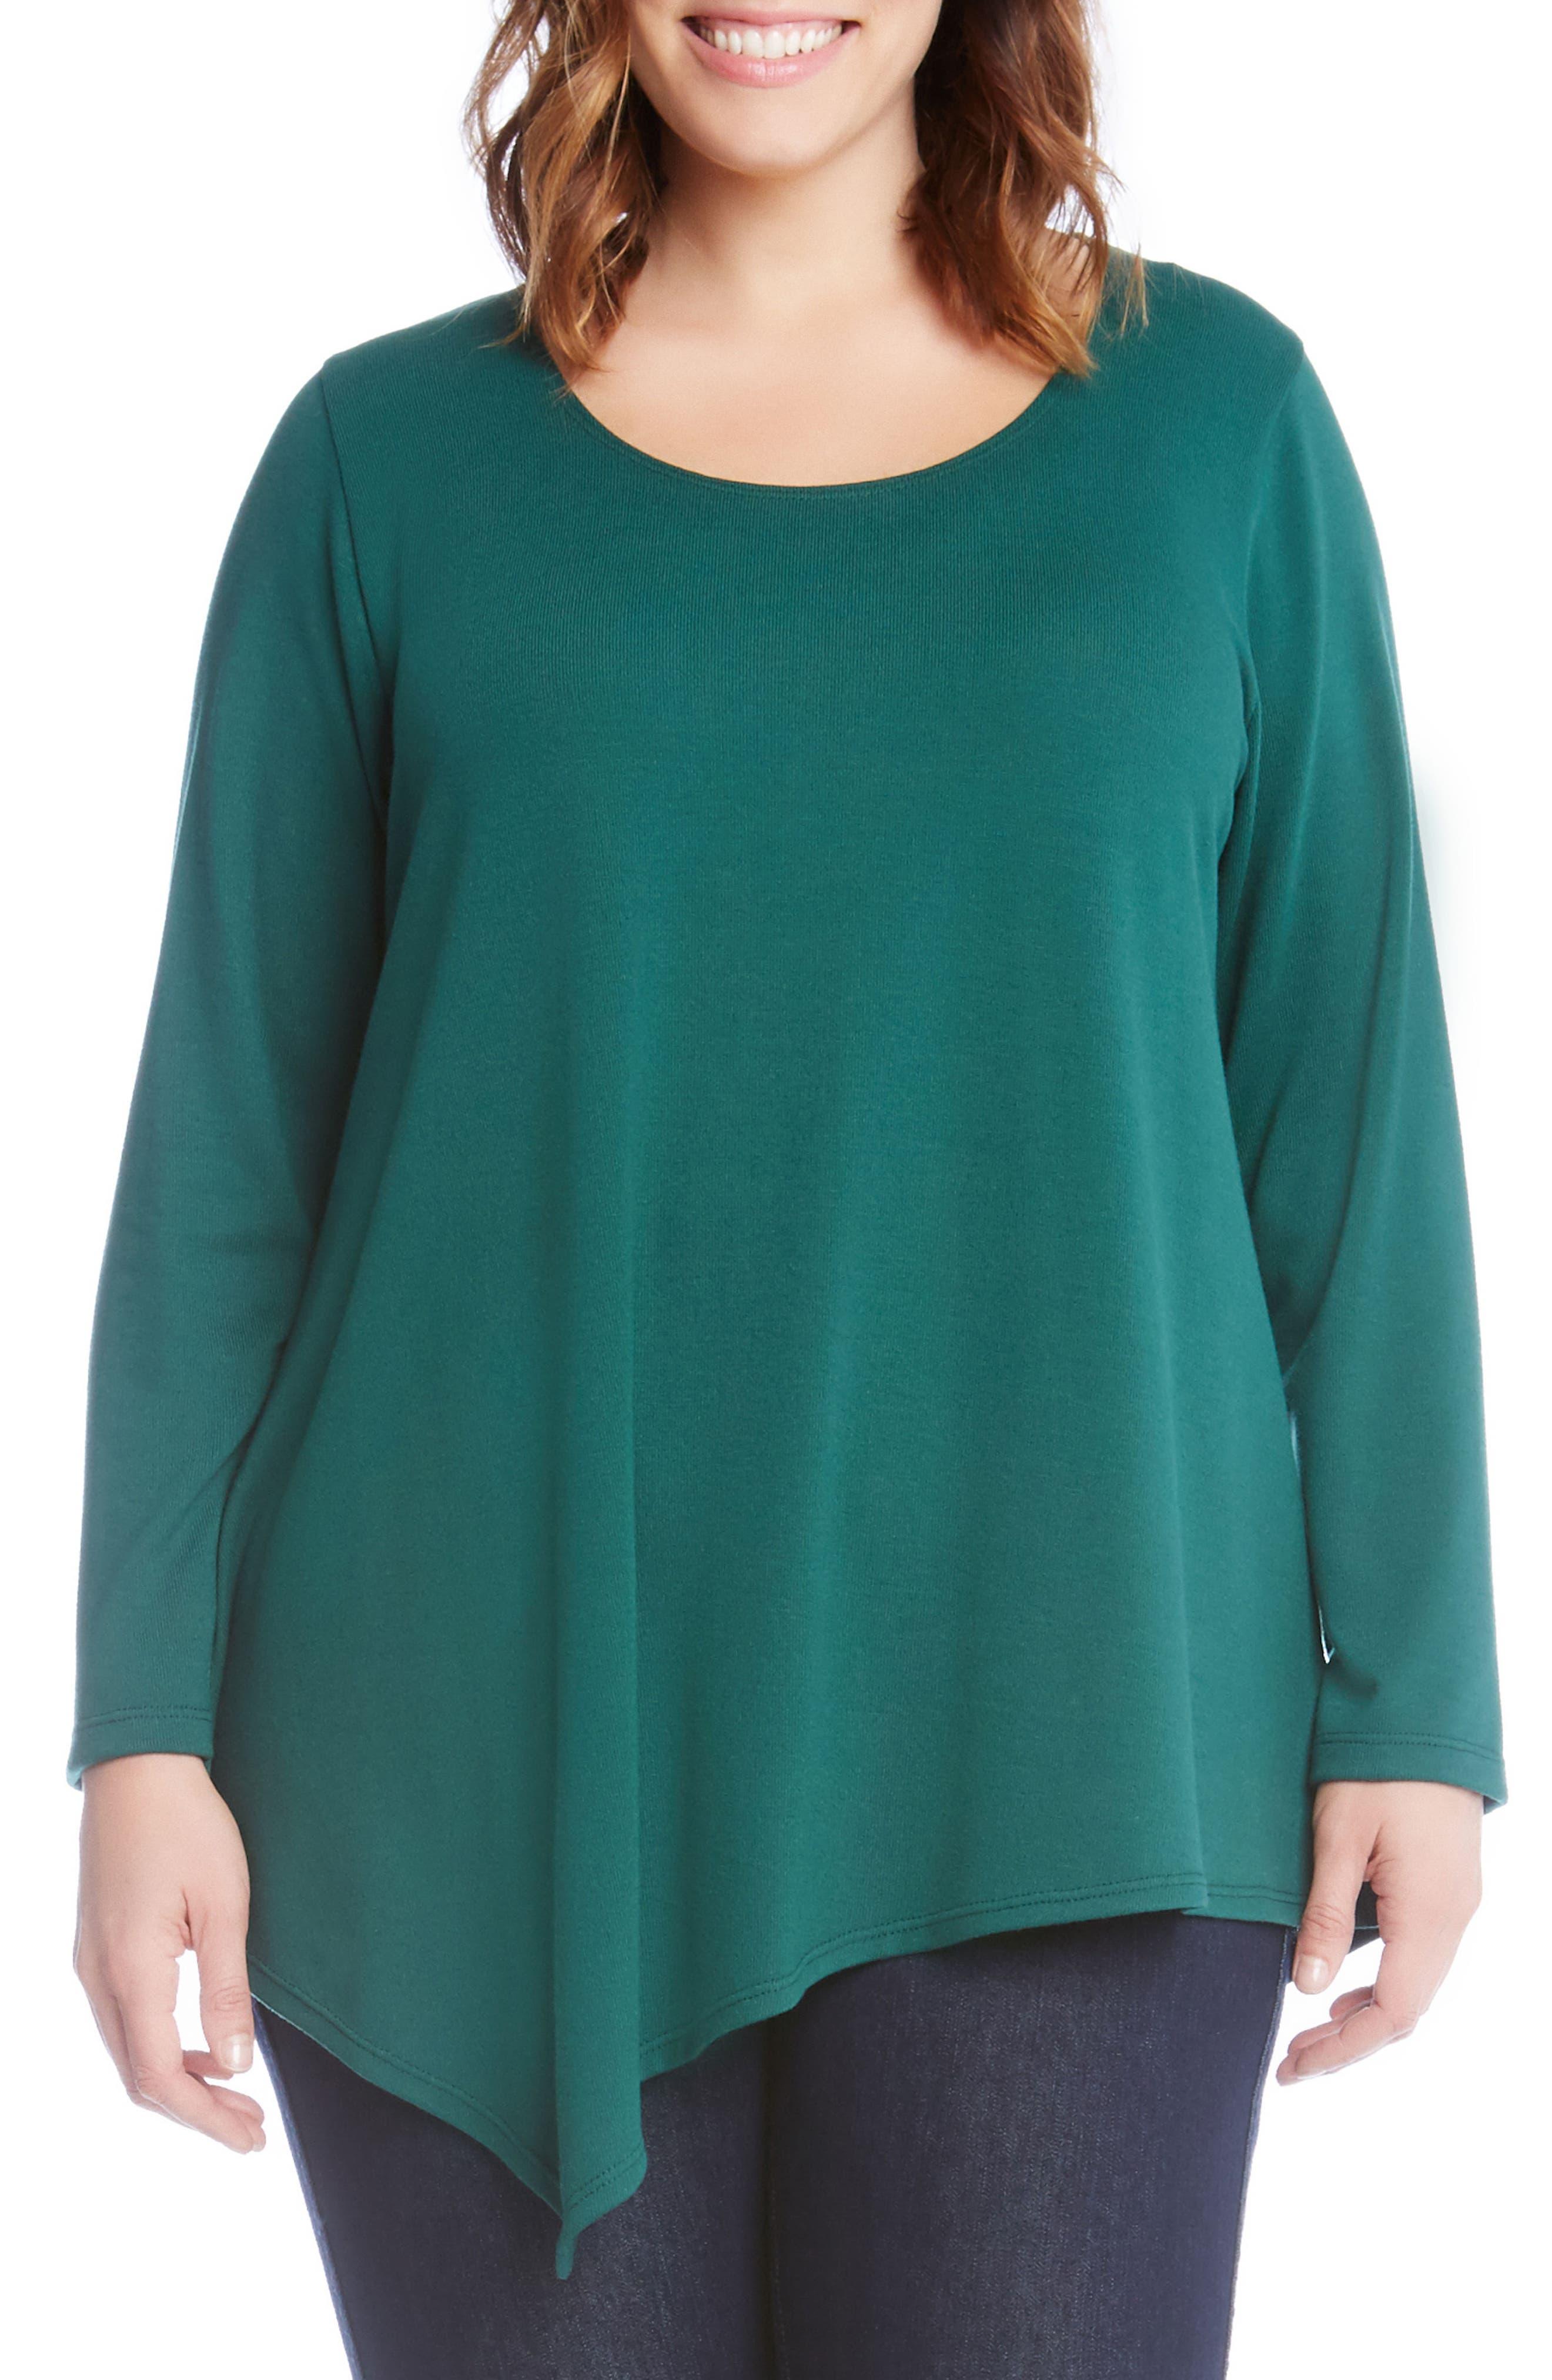 Main Image - Karen Kane Asymmetrical Hem Sweater (Plus Size)